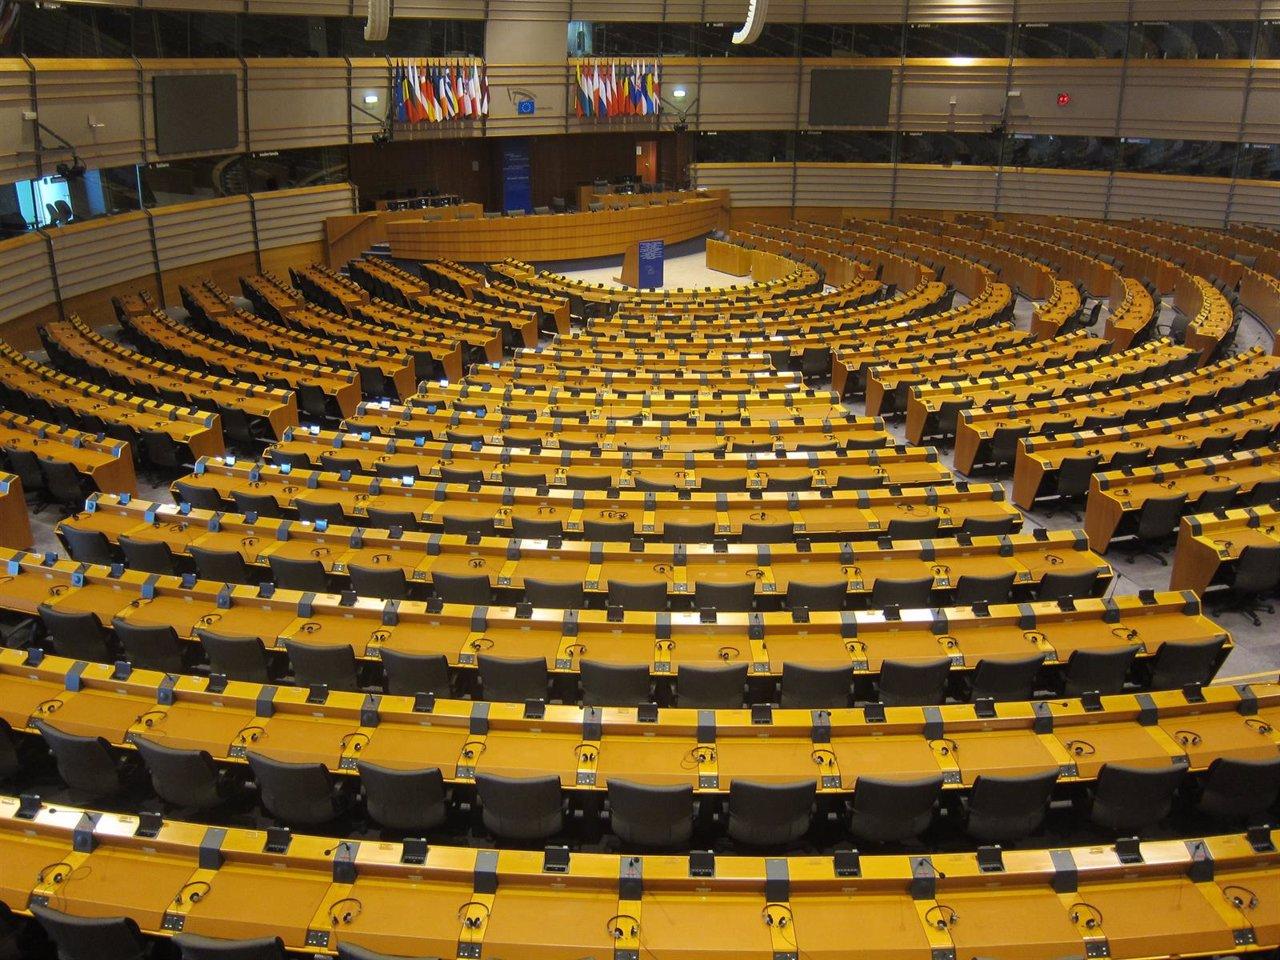 Sede del Parlamento Europeo en Bruselas.